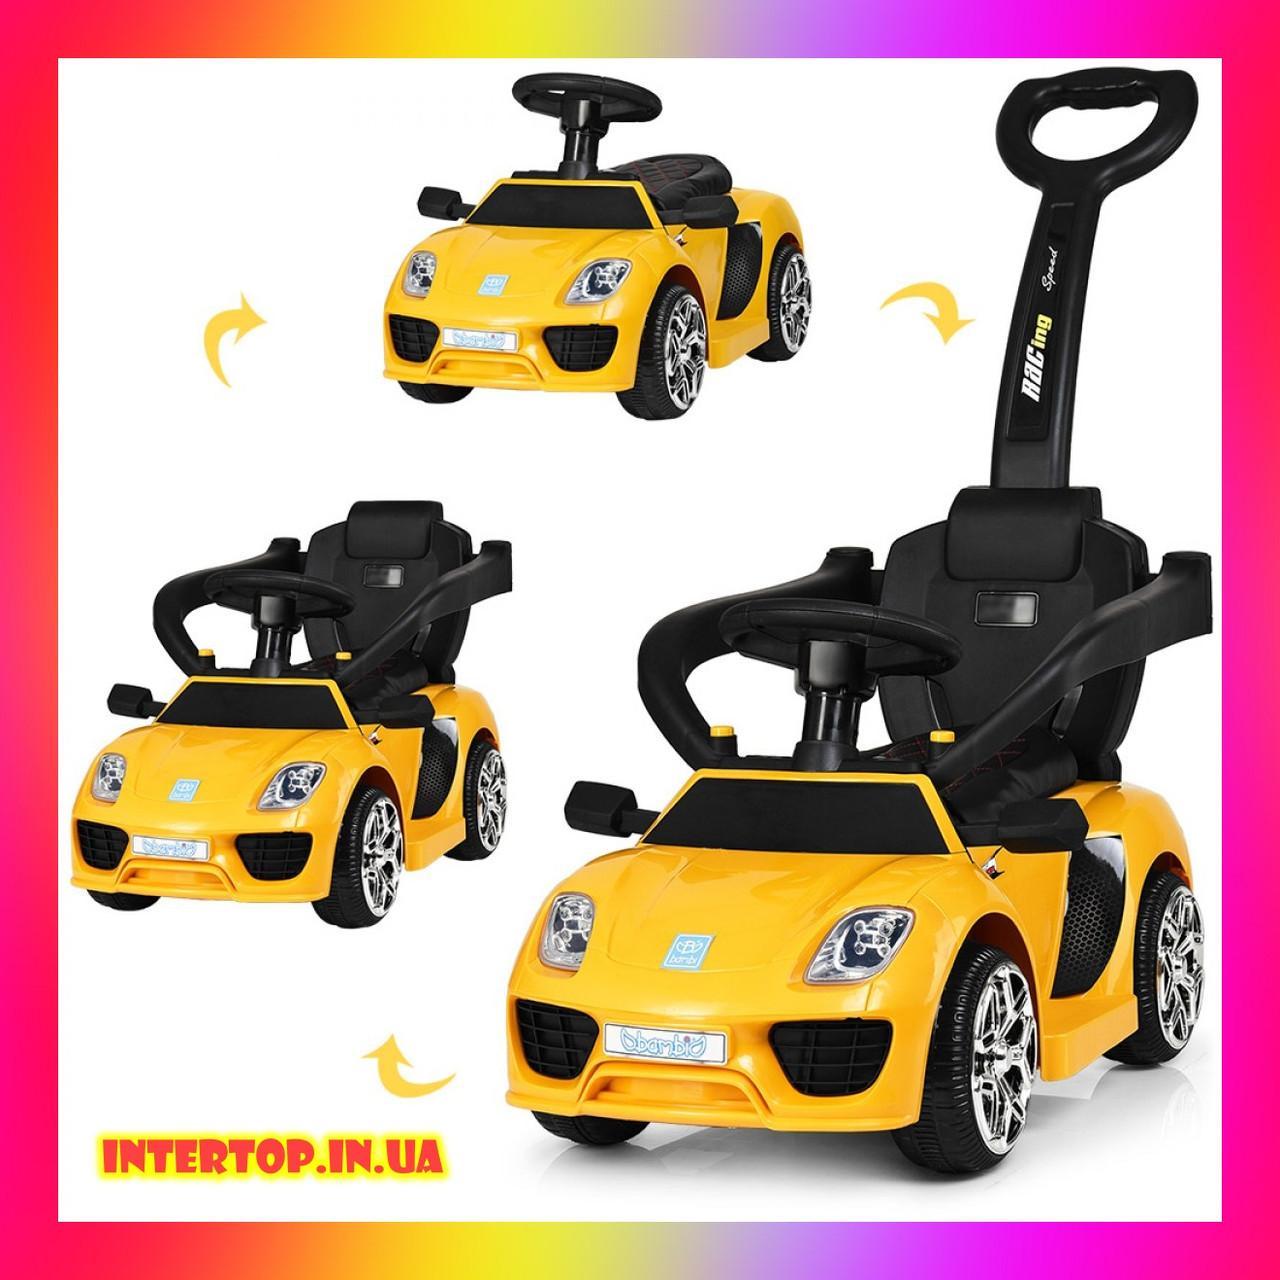 Детский электромобиль-толокар 2 в 1 с ручкой и кожаным сиденьем Porsche  M 3592L желтый